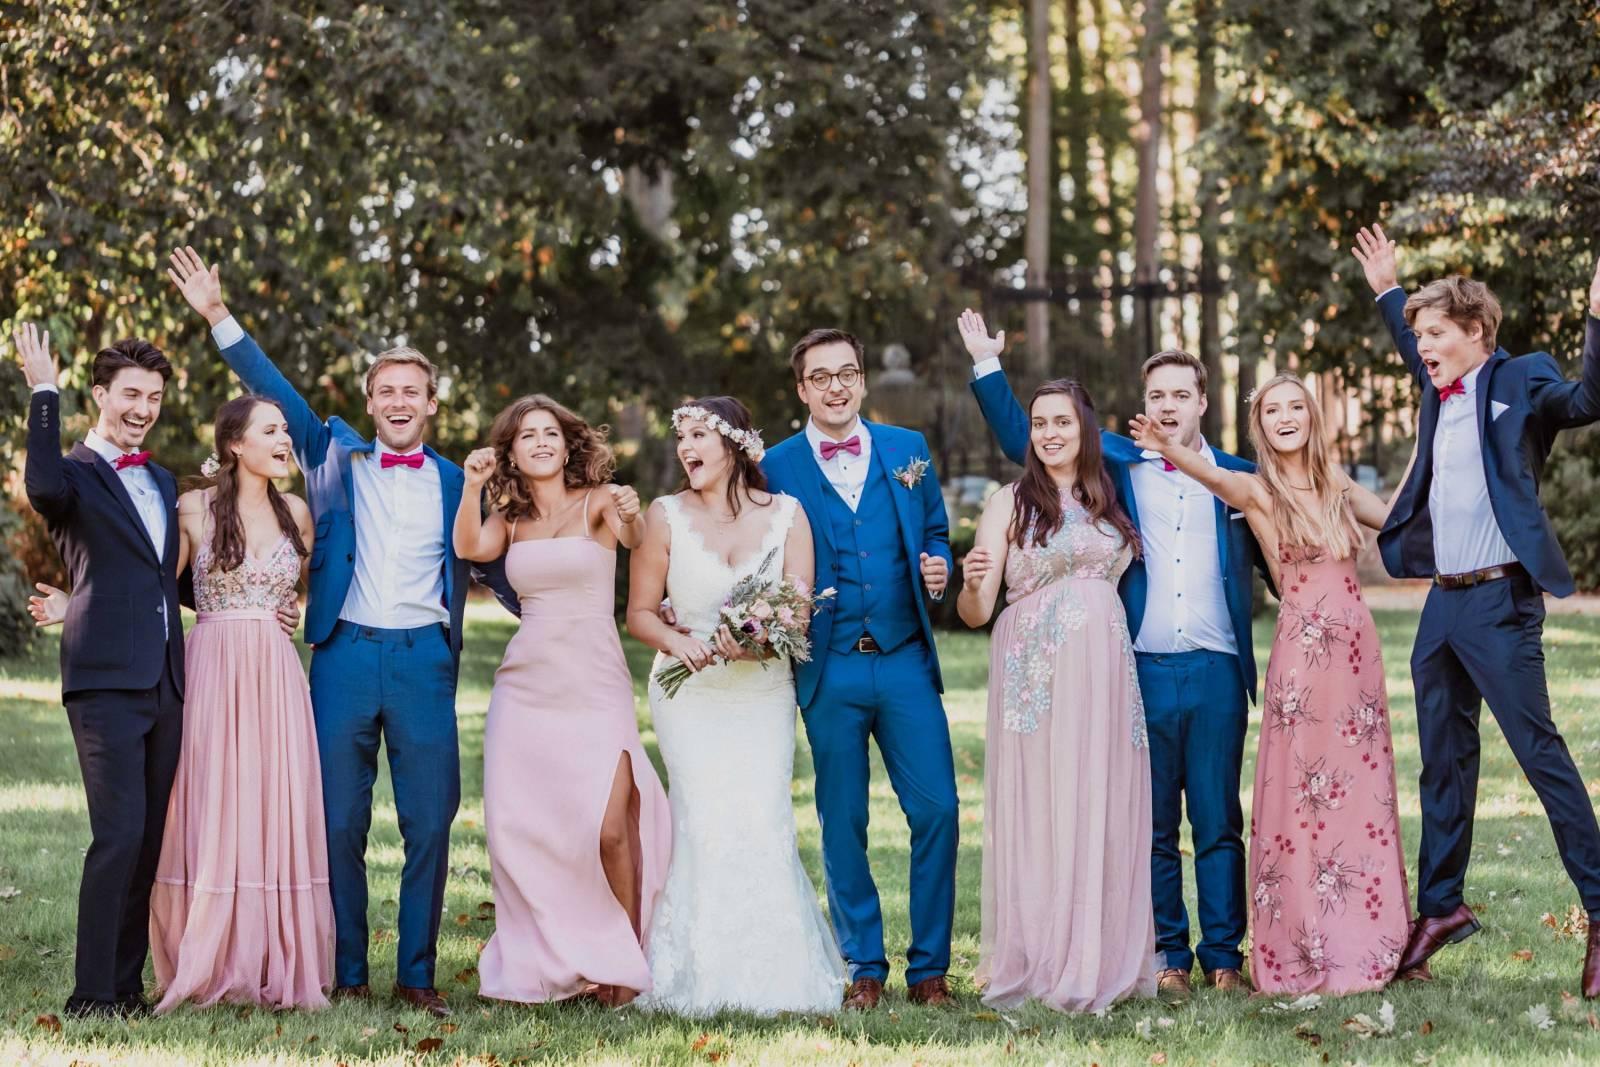 Leyla Hasna - Photography - House of Weddings - 22